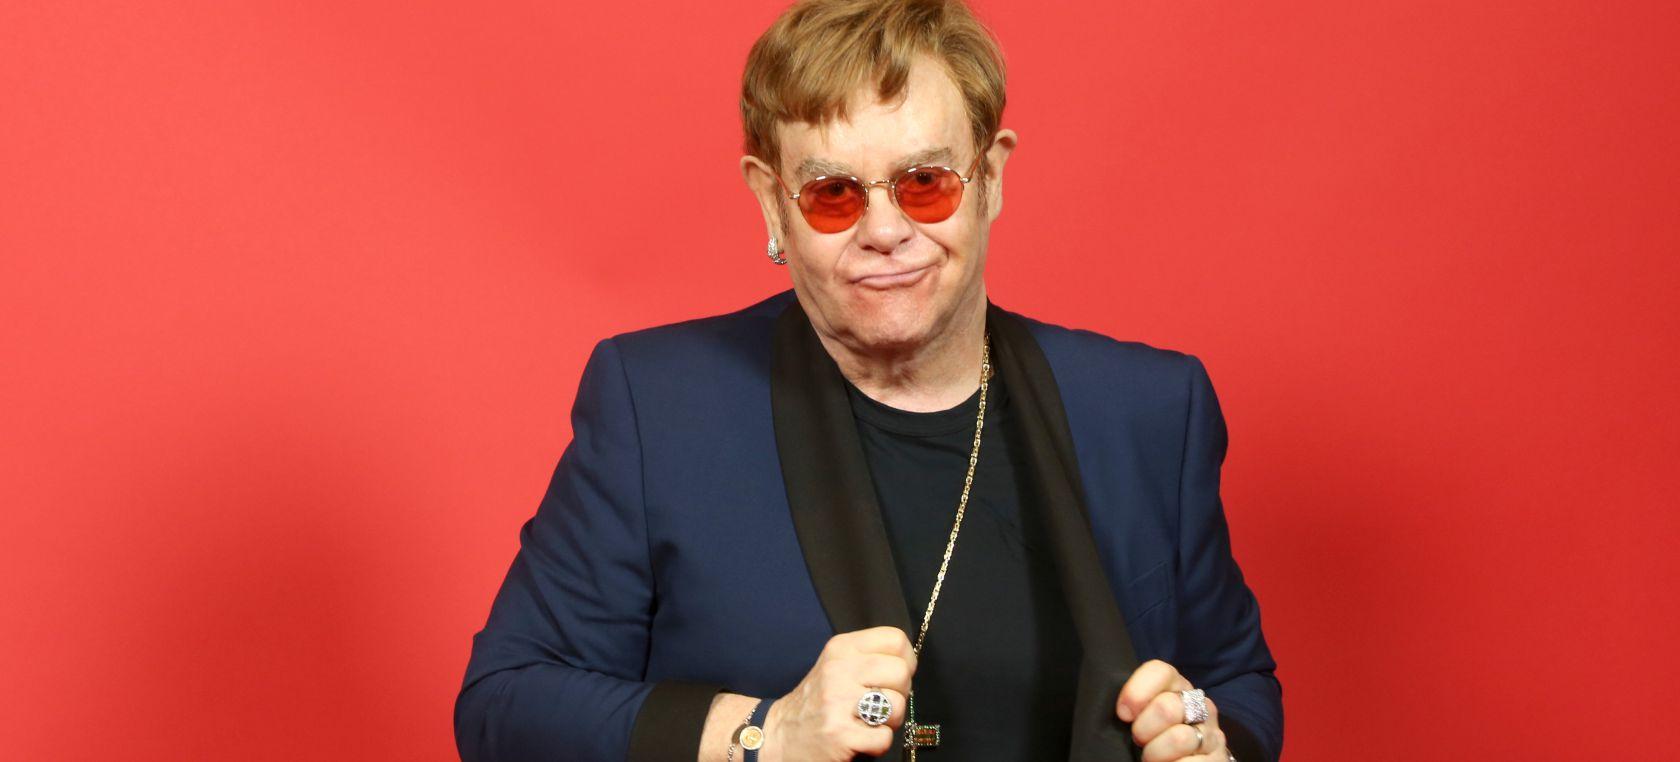 Elton John se atreve con el K-Pop de BTS y se hace viral | Música | LOS40